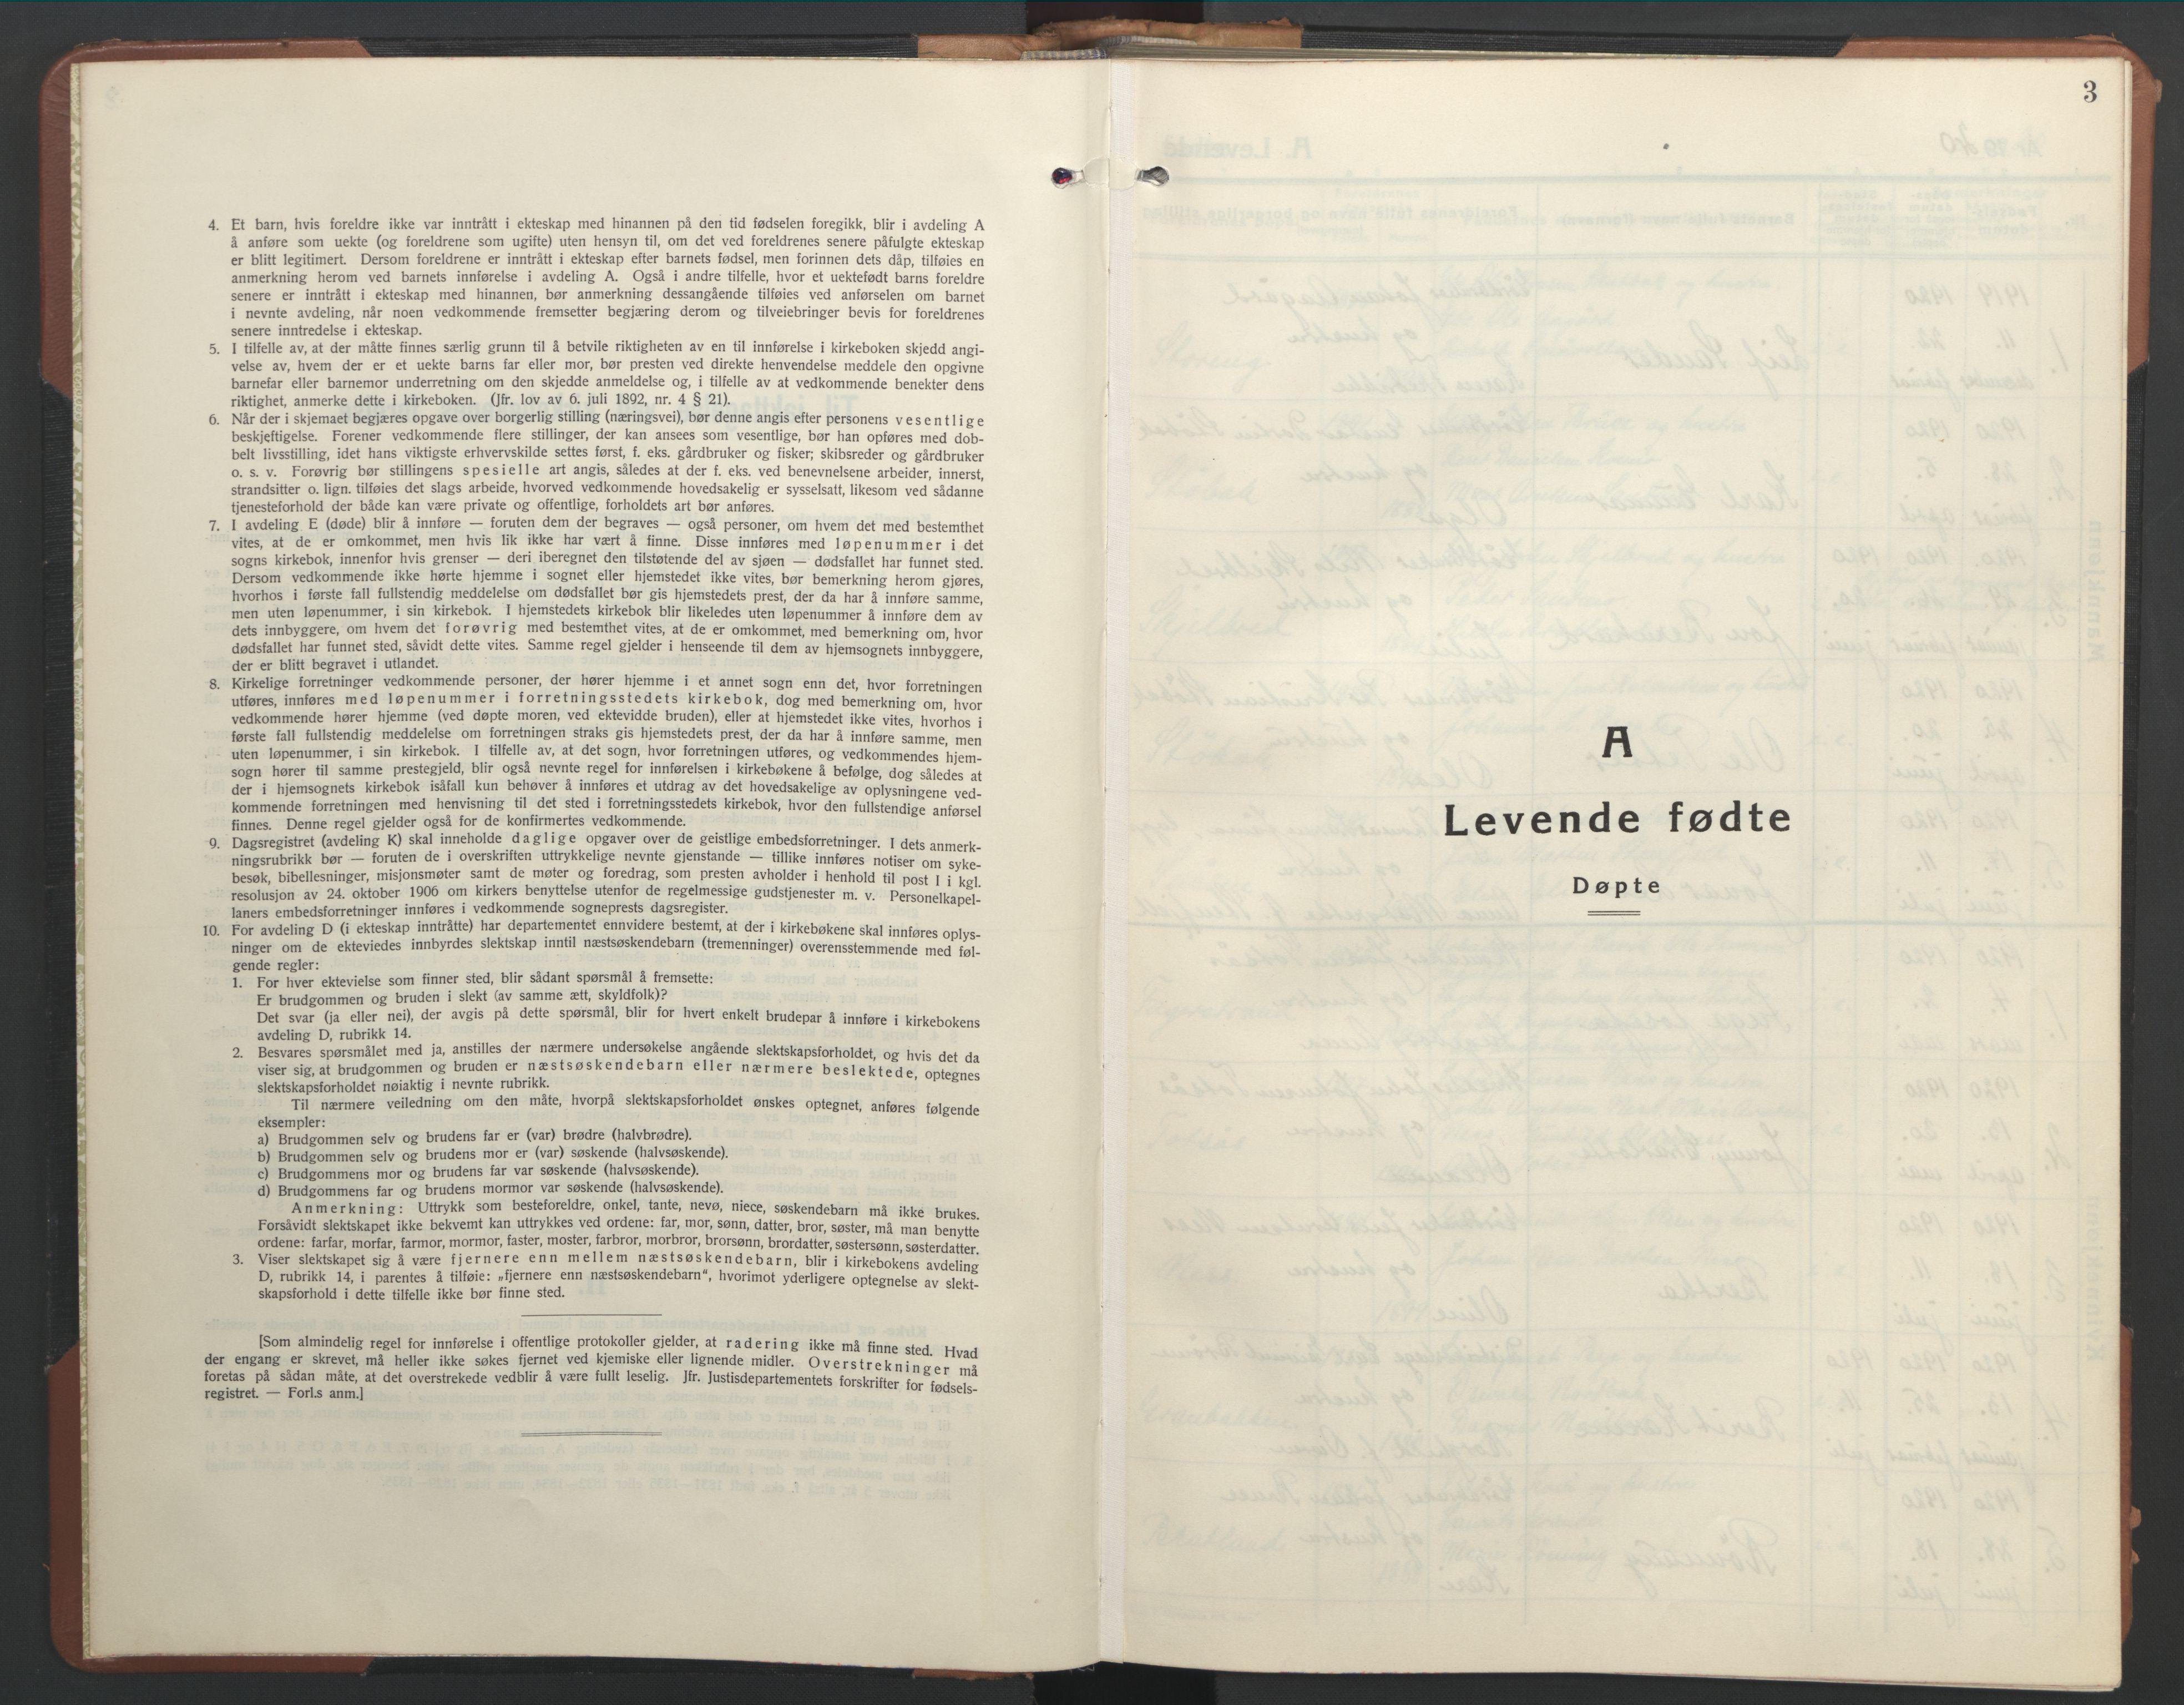 SAT, Ministerialprotokoller, klokkerbøker og fødselsregistre - Nord-Trøndelag, 755/L0500: Klokkerbok nr. 755C01, 1920-1962, s. 3